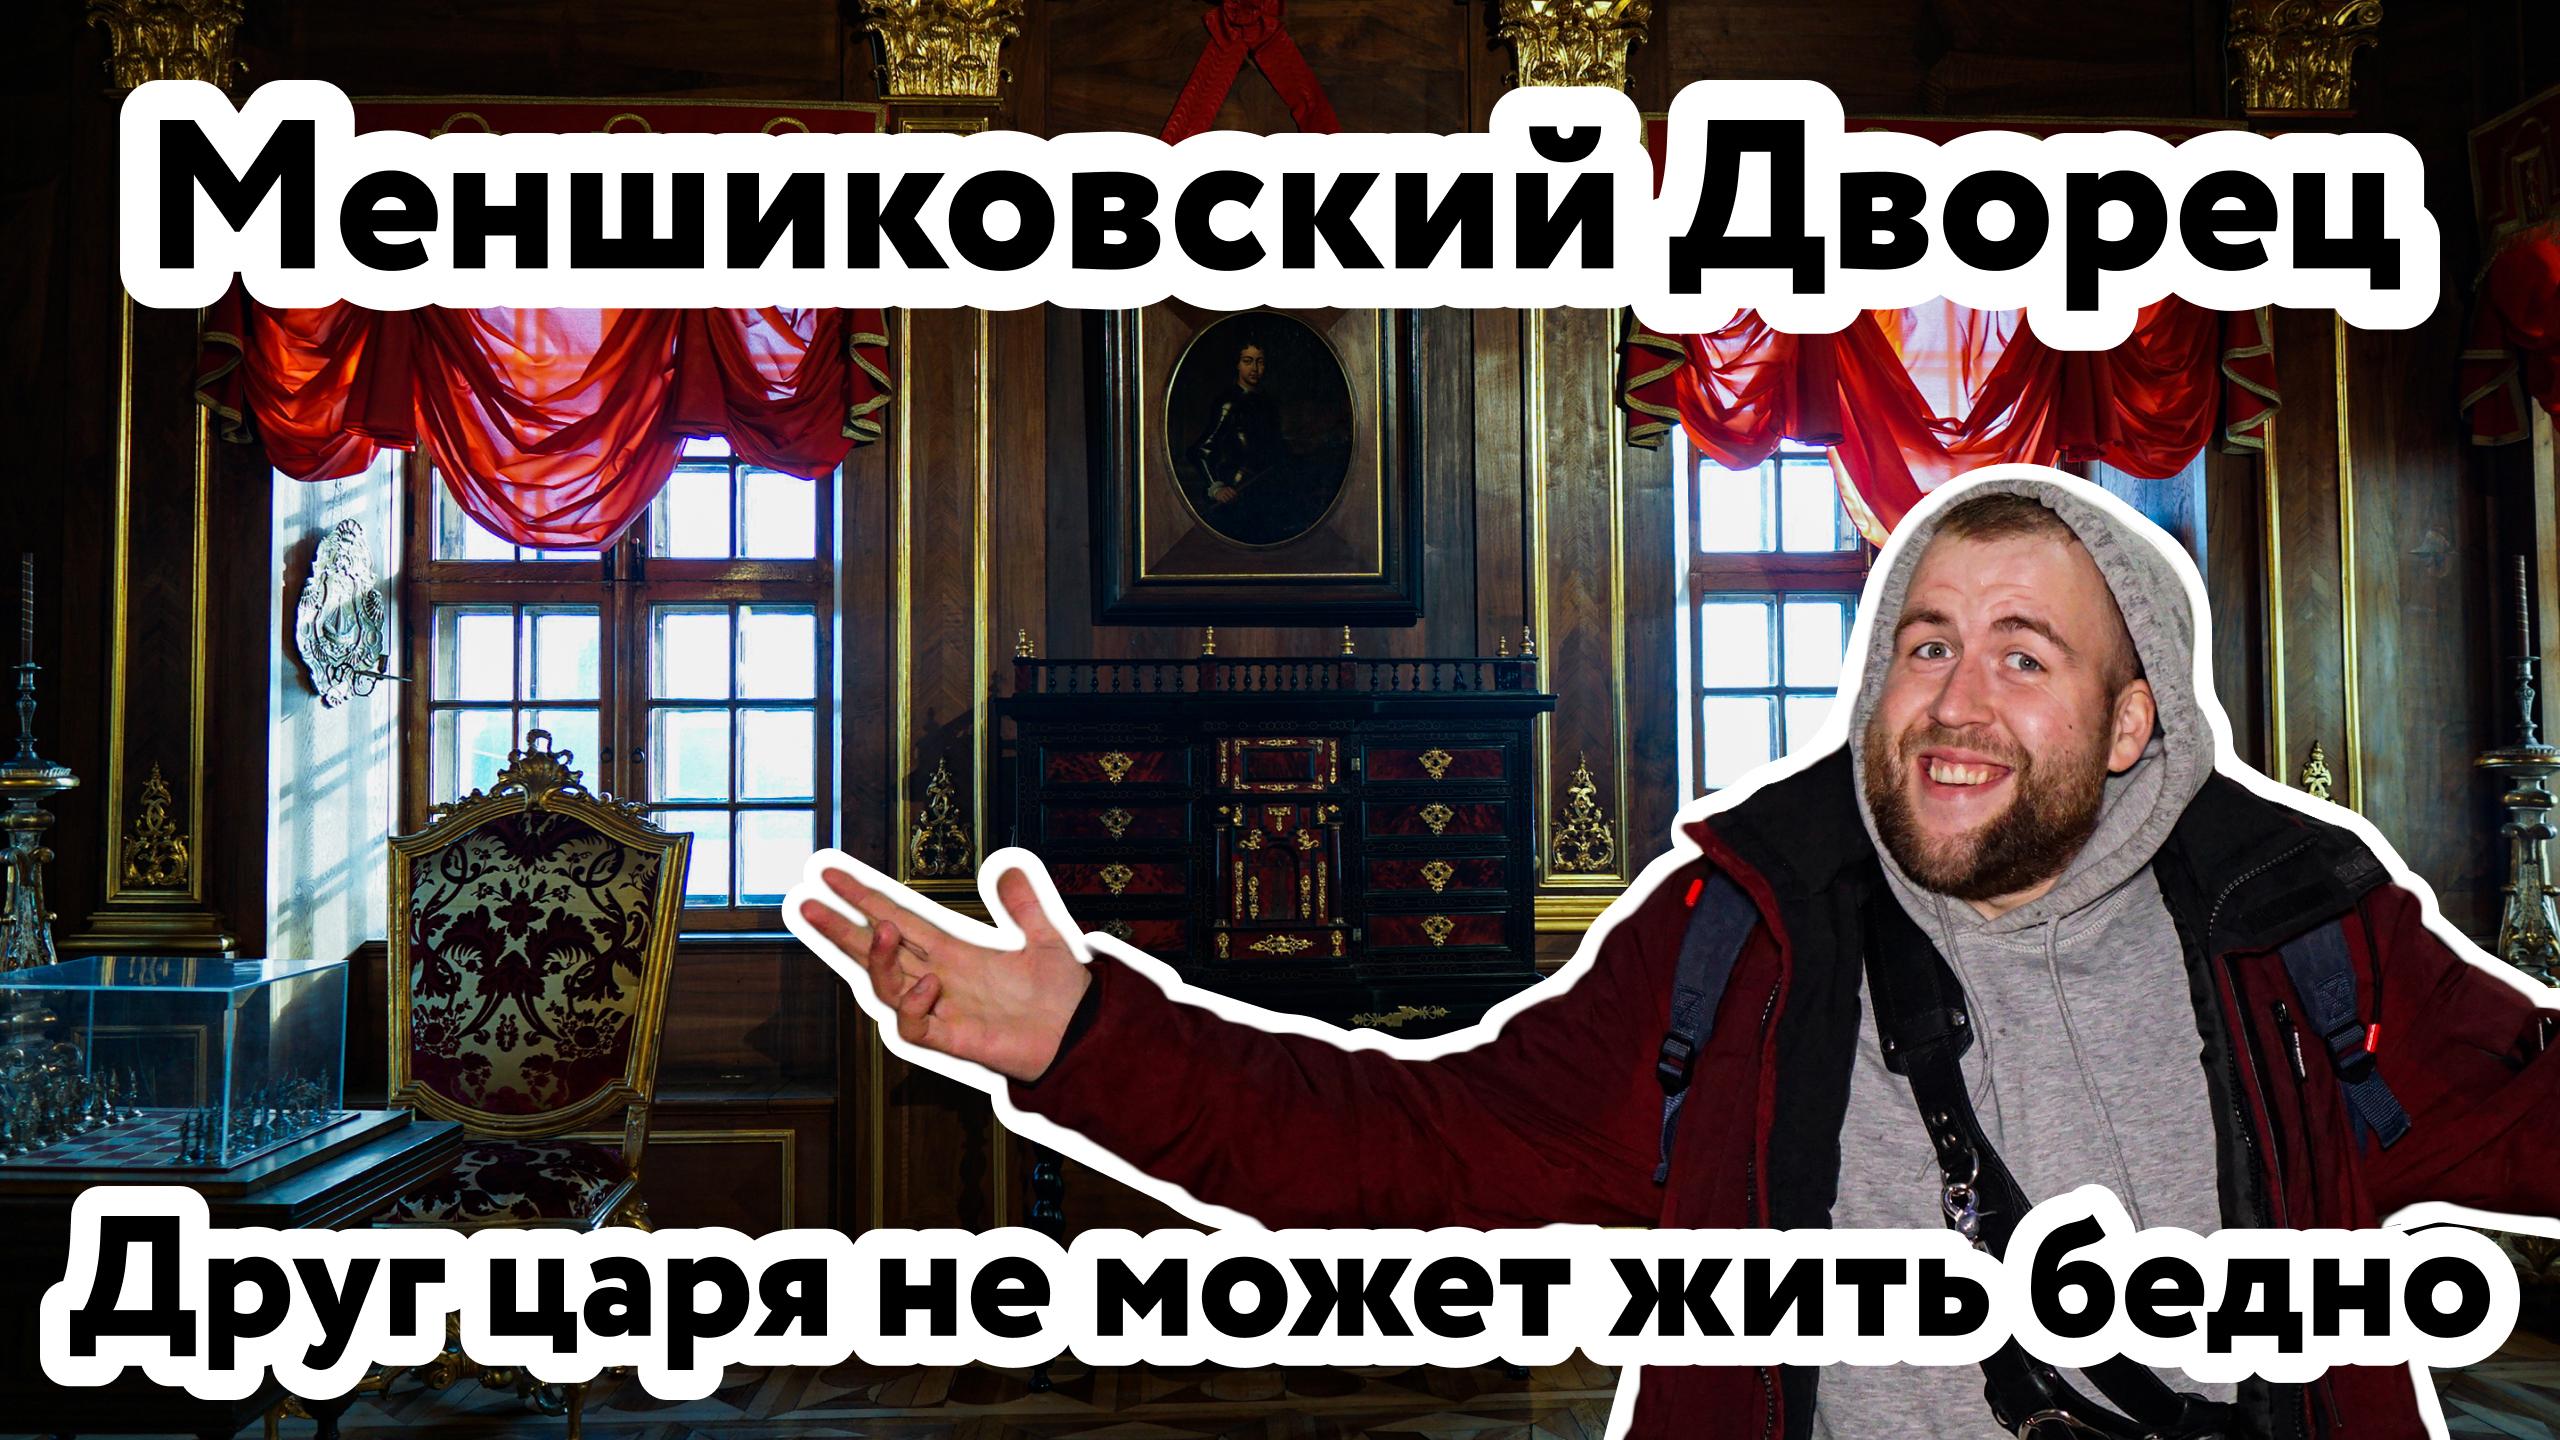 Меншиковский-Дворец